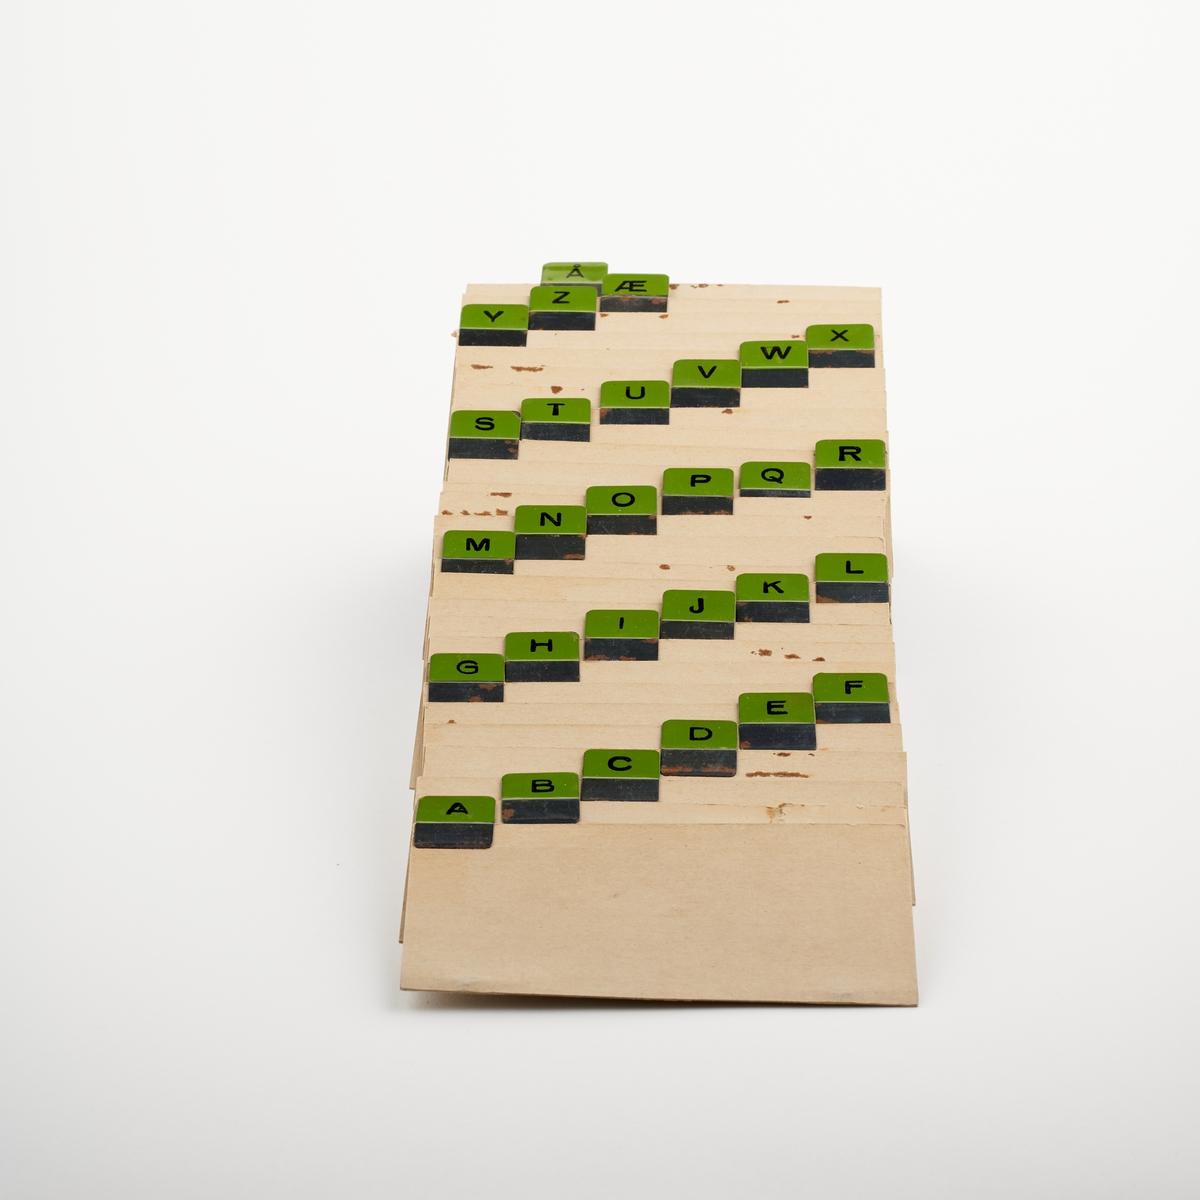 Skilleark i papir med bokstavene i alfabetet festet øverst i metall. Kortet med bokstaven ø mangler. Det er totalt 28 kort.  NAV-samlingen er en gruppe av gjenstander som har vært anvendt på sosialkontoret (Aetat - NAV) i Skedsmo kommune.